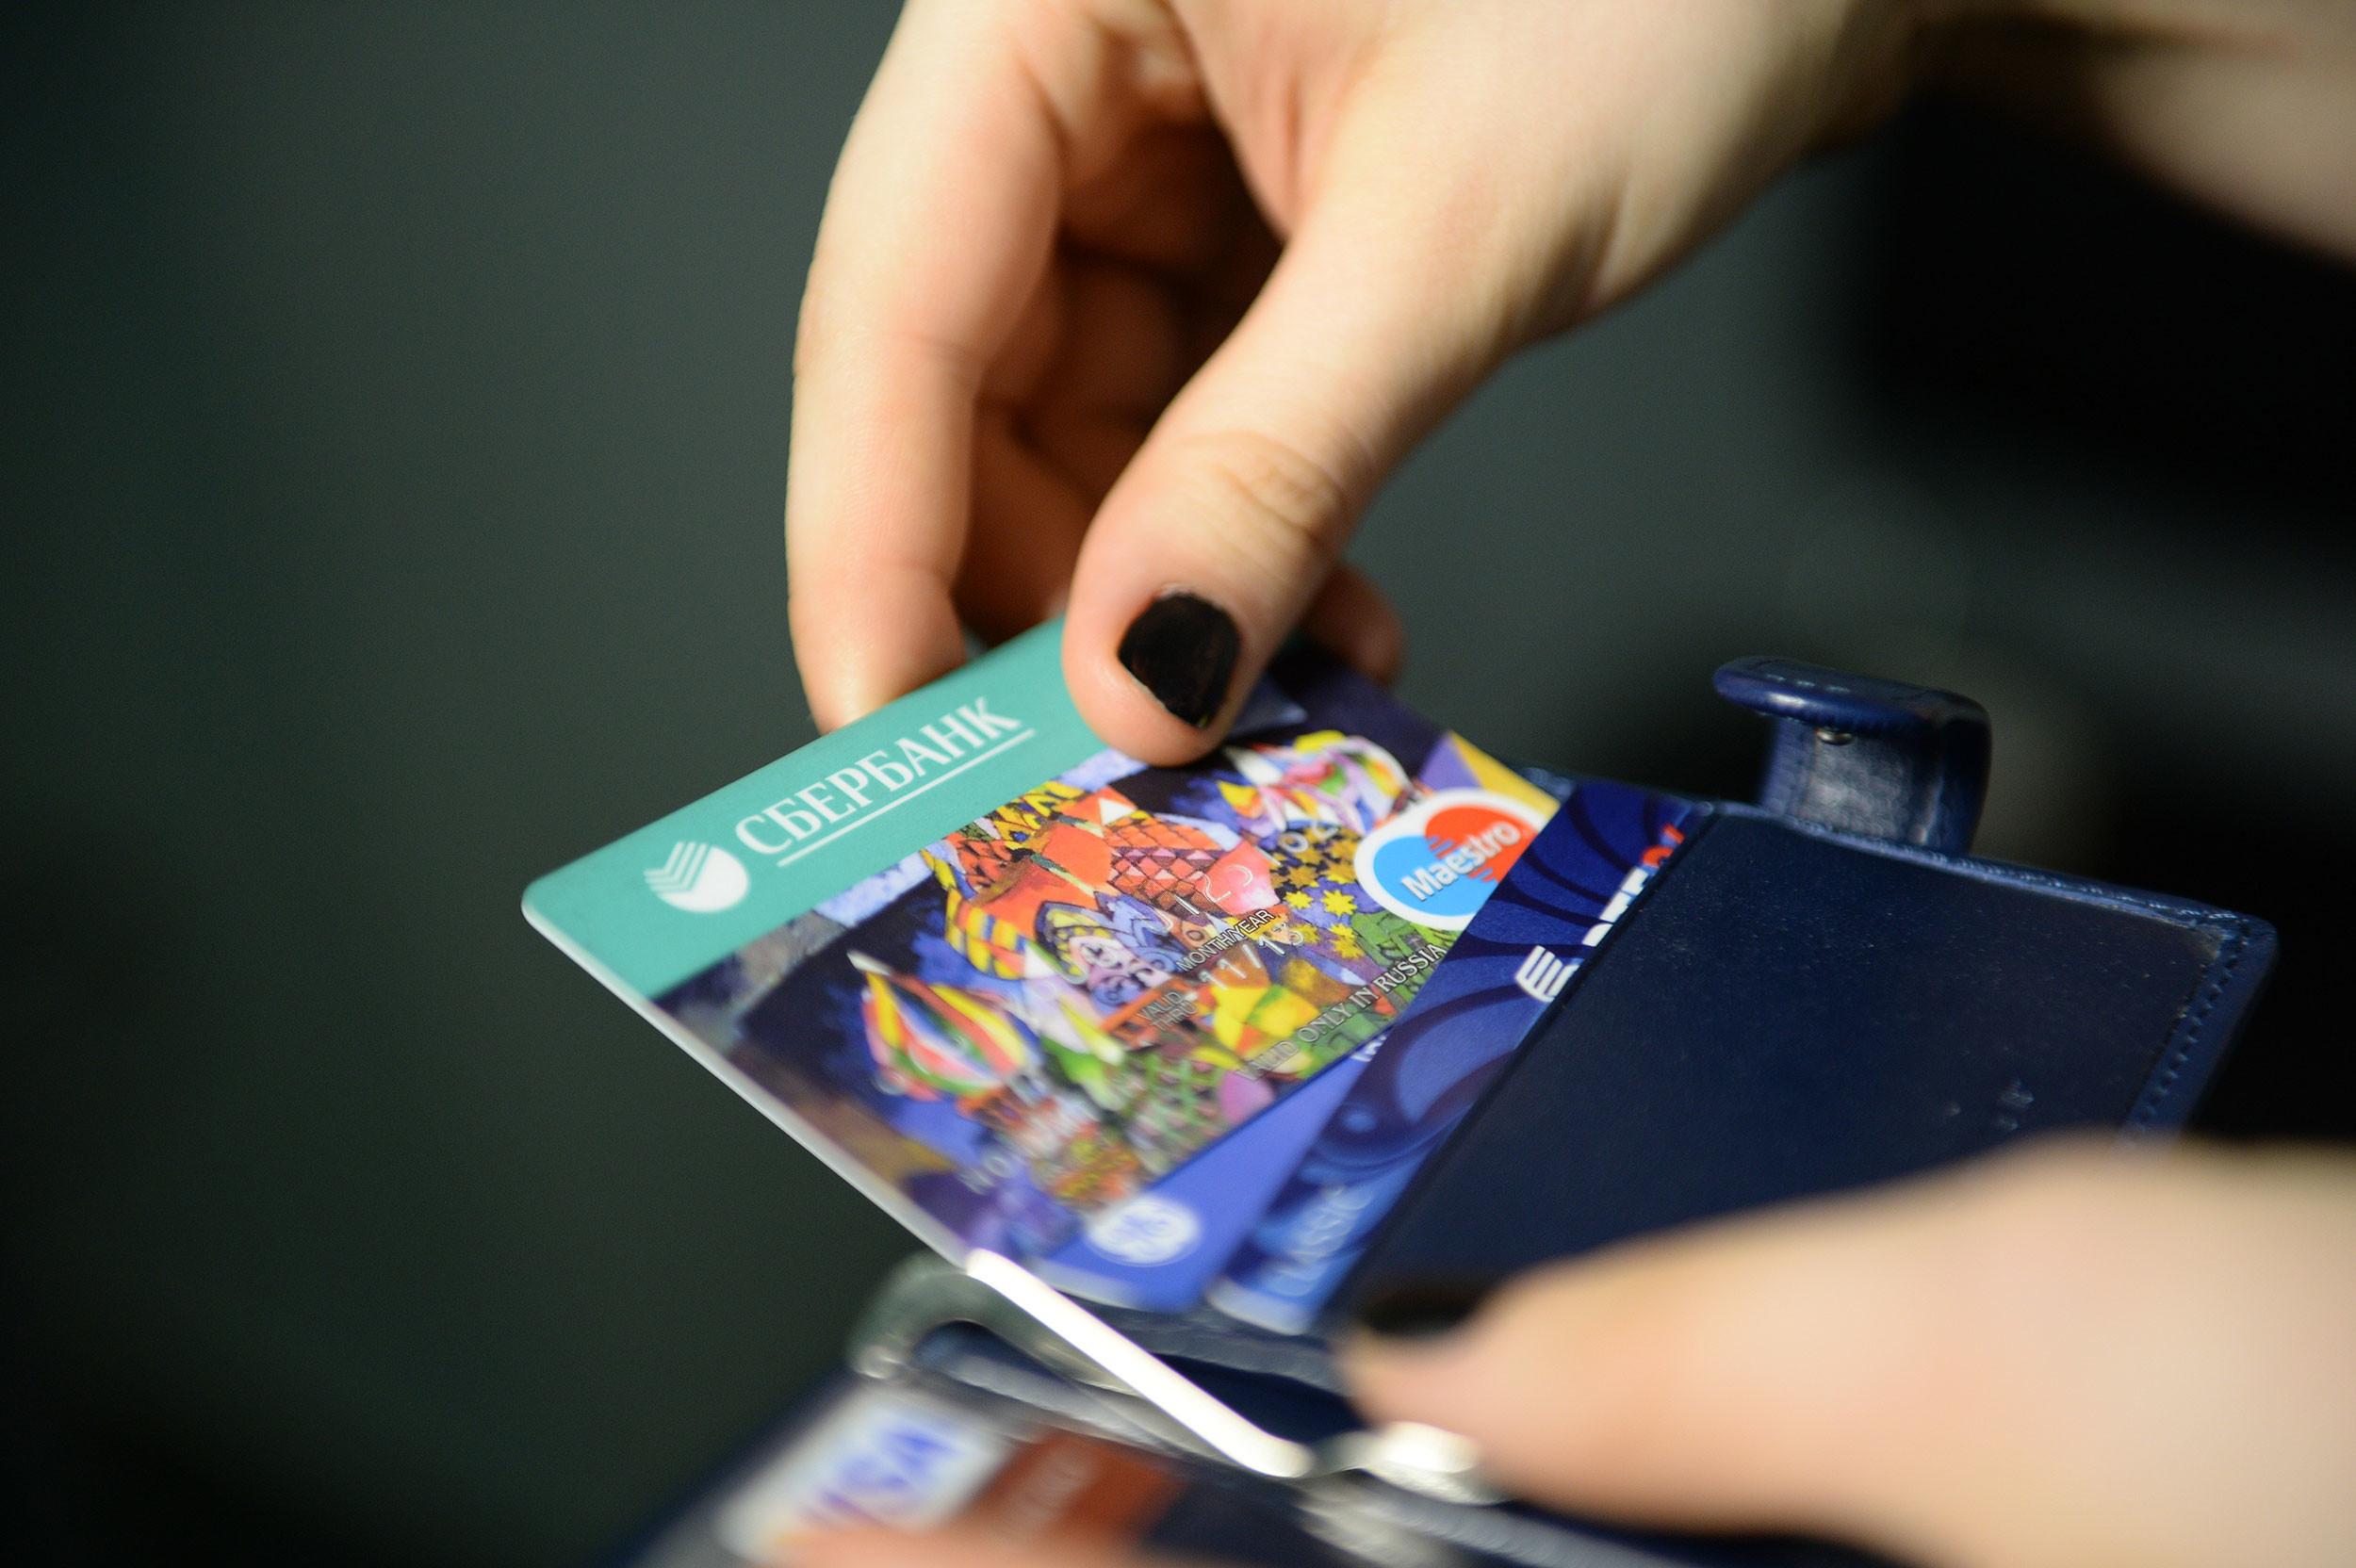 взять кредит на другую карту сбербанка